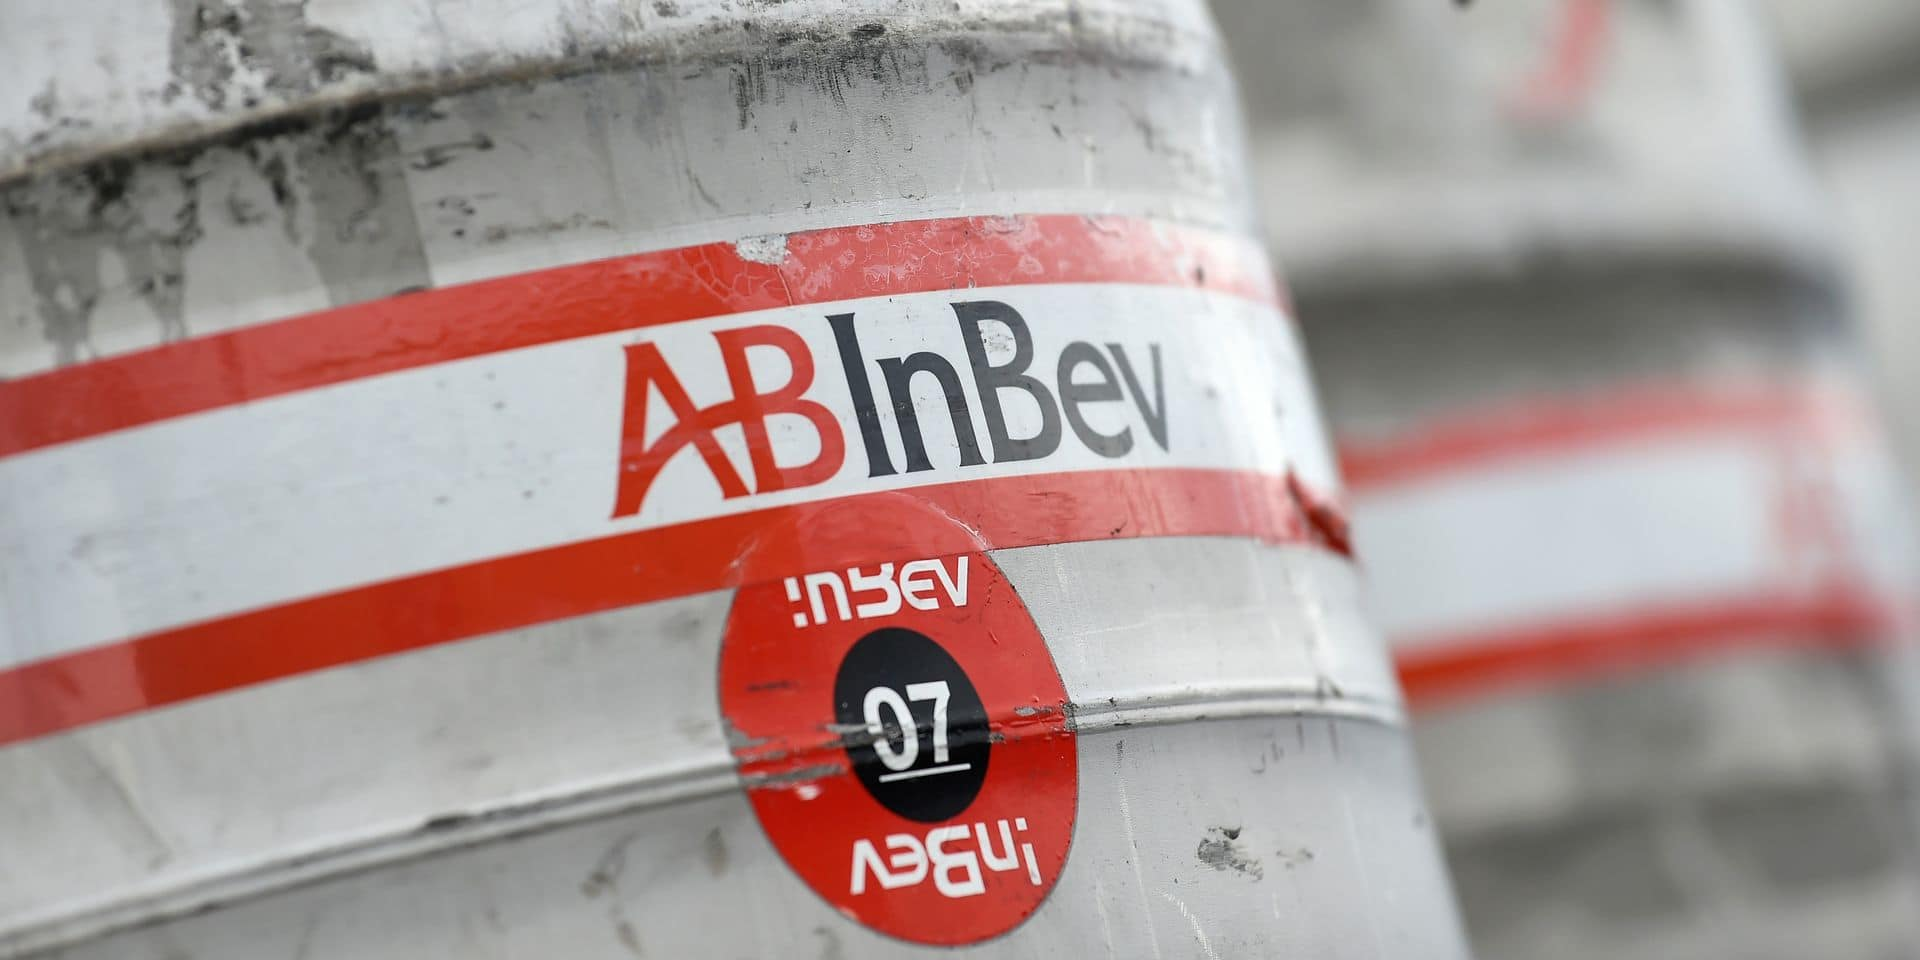 Les consommateurs des bières d'AB InBev auront-ils droit à une compensation ?